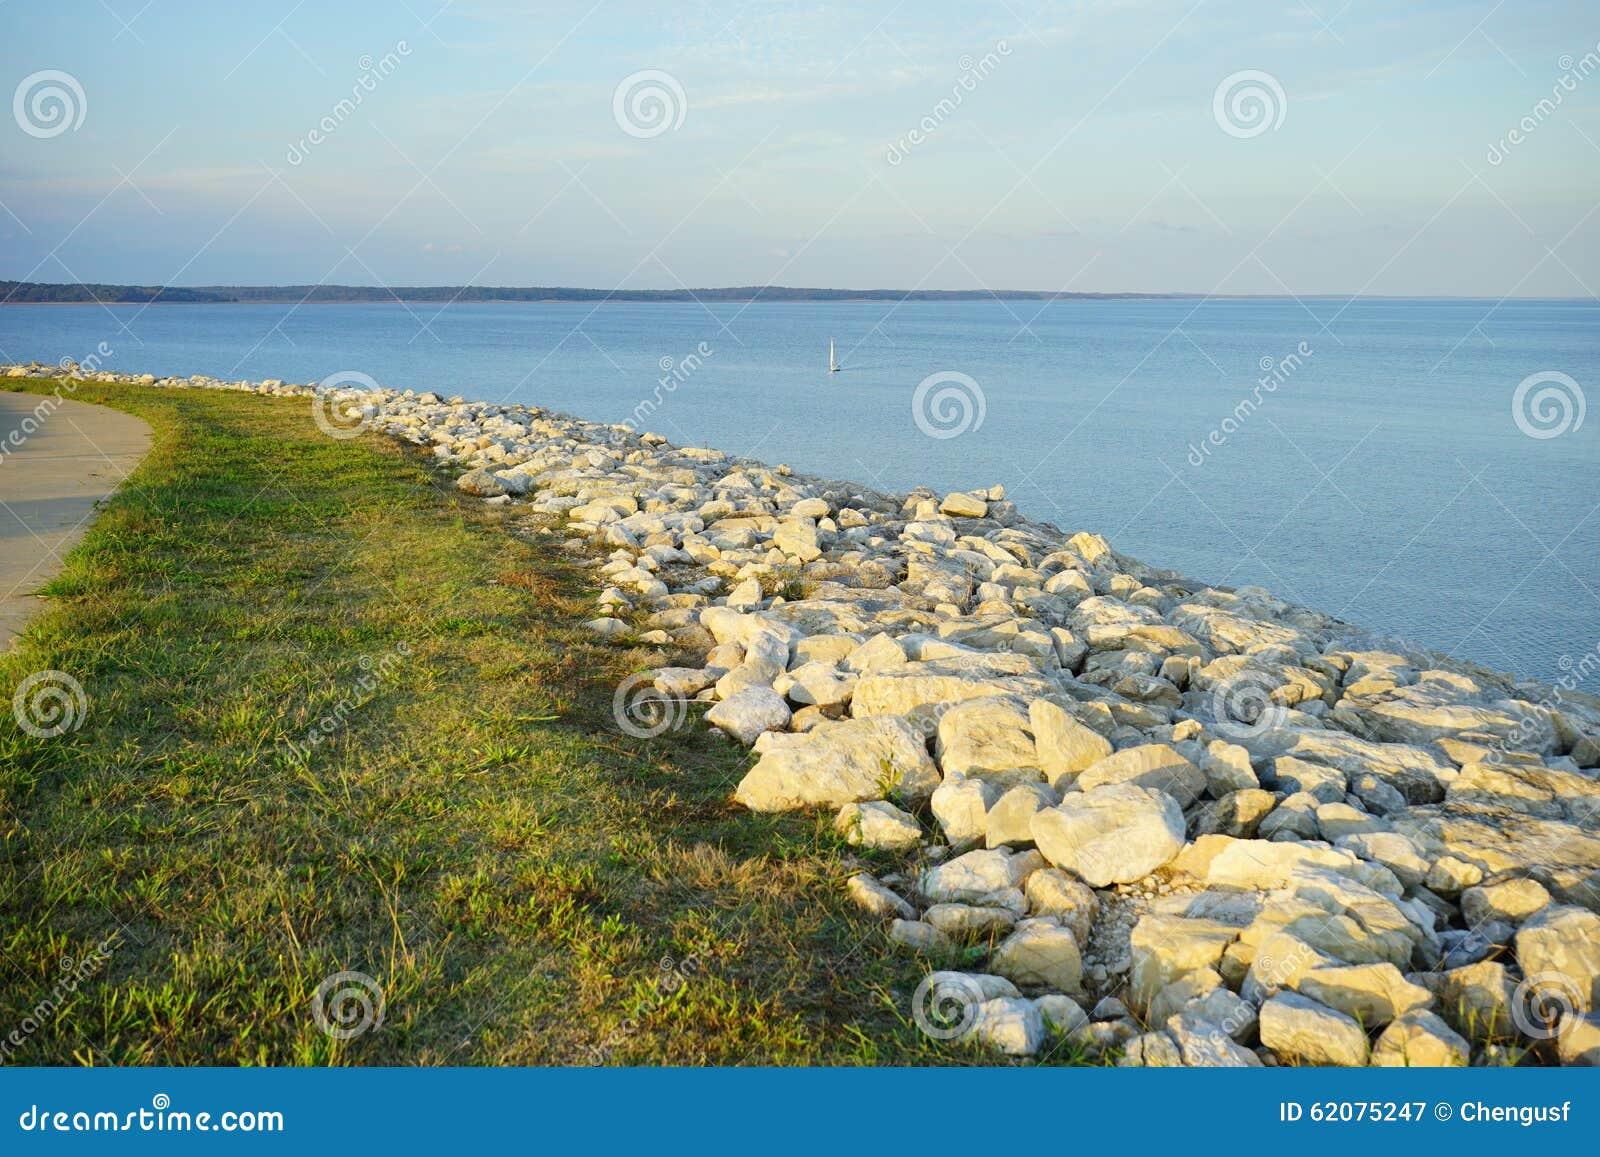 Banco del lago sardis foto de archivo imagen 62075247 - Bater roca precios ...